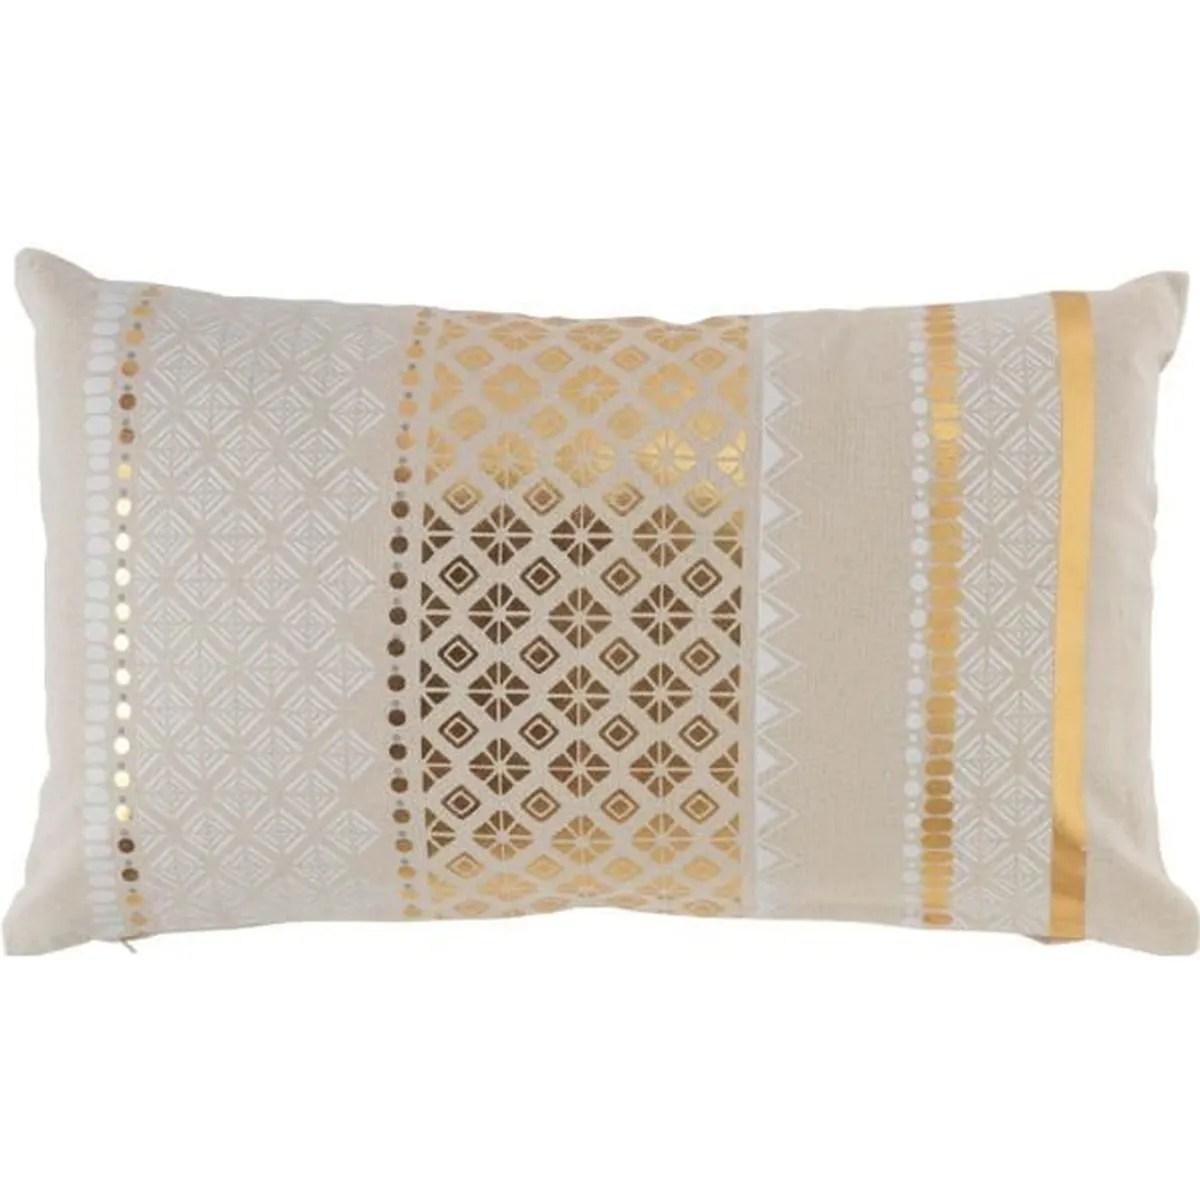 coussin dehoussable 30 x 50 cm en coton imprime or gaya